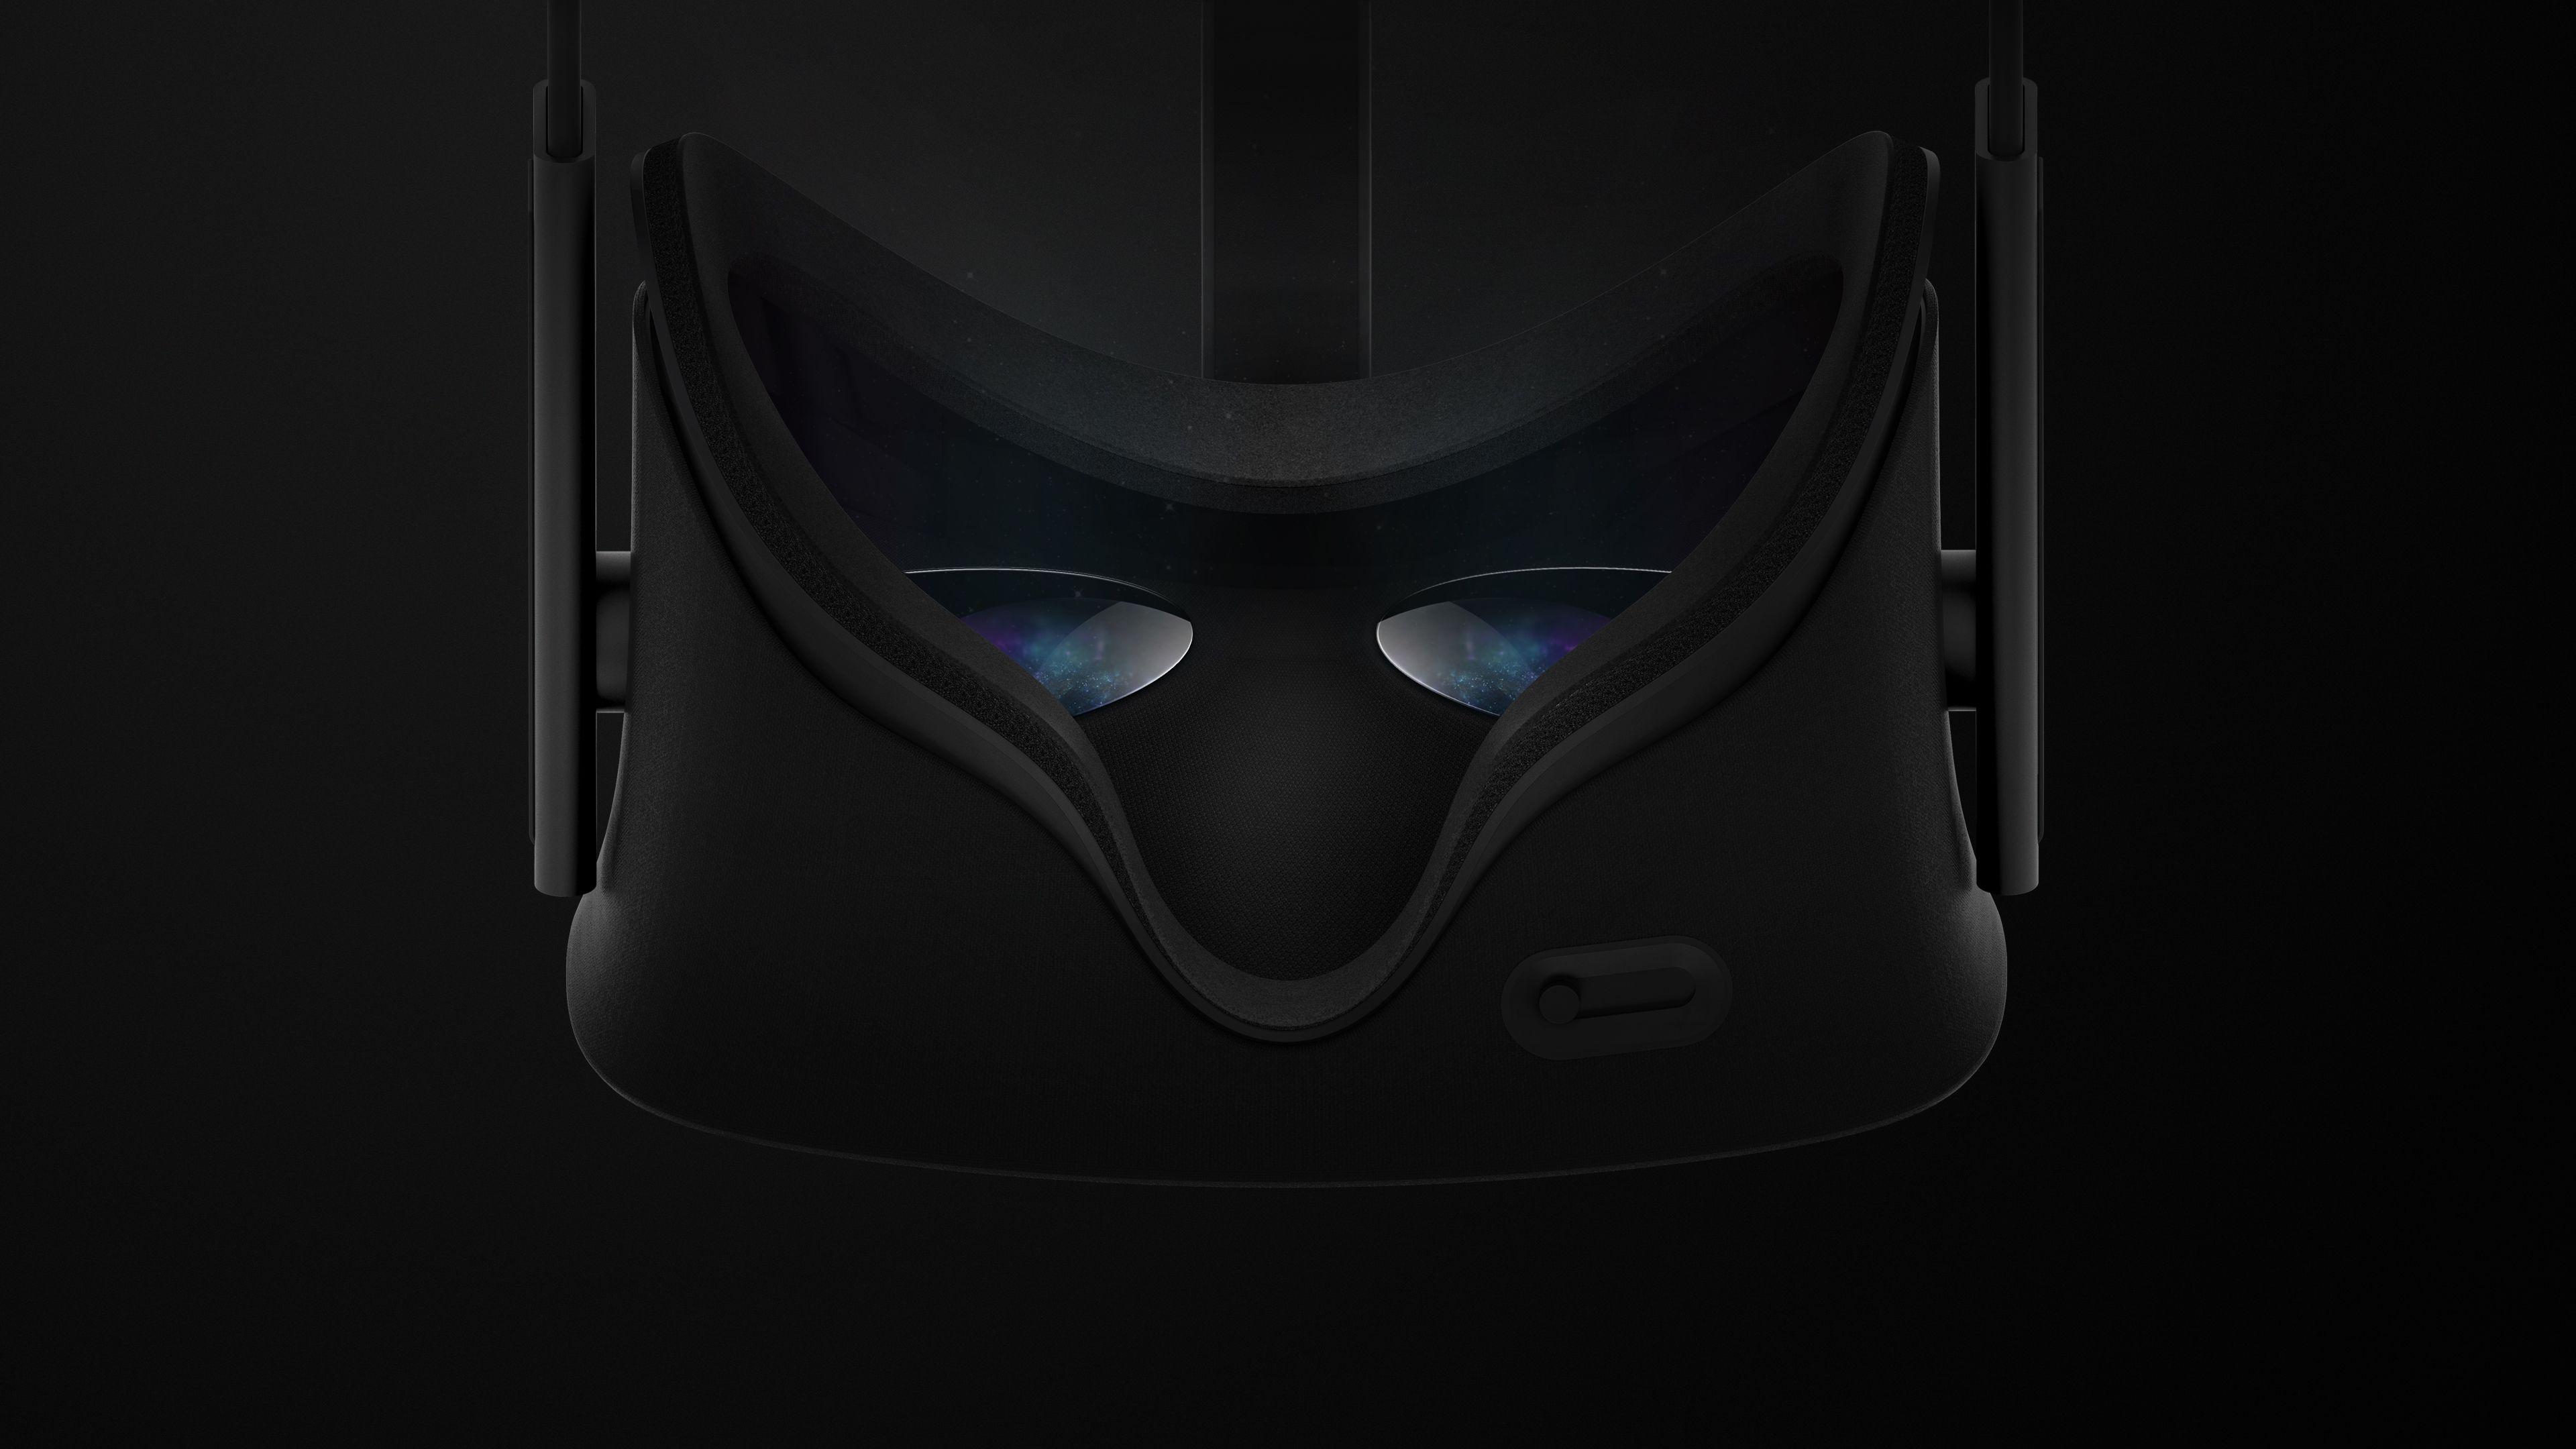 Oculus_Rift_wallpaper_1434065849